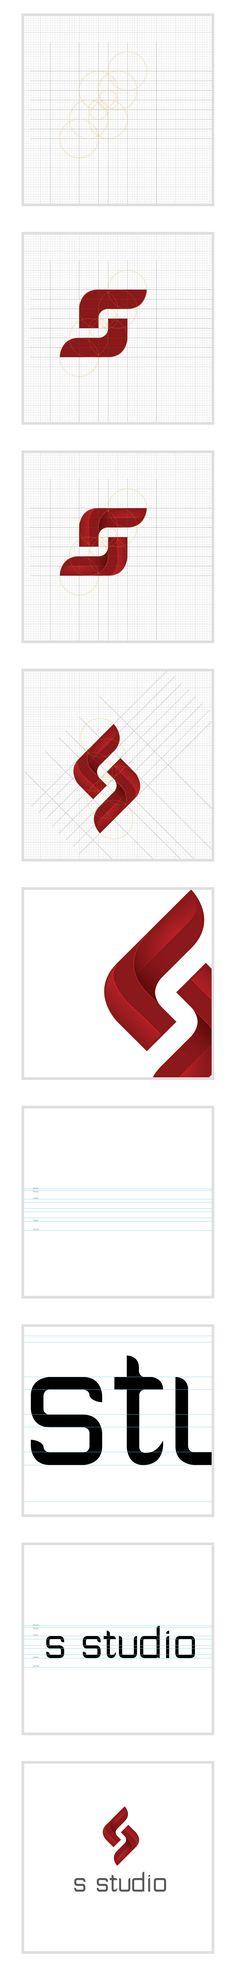 S Studio Logos